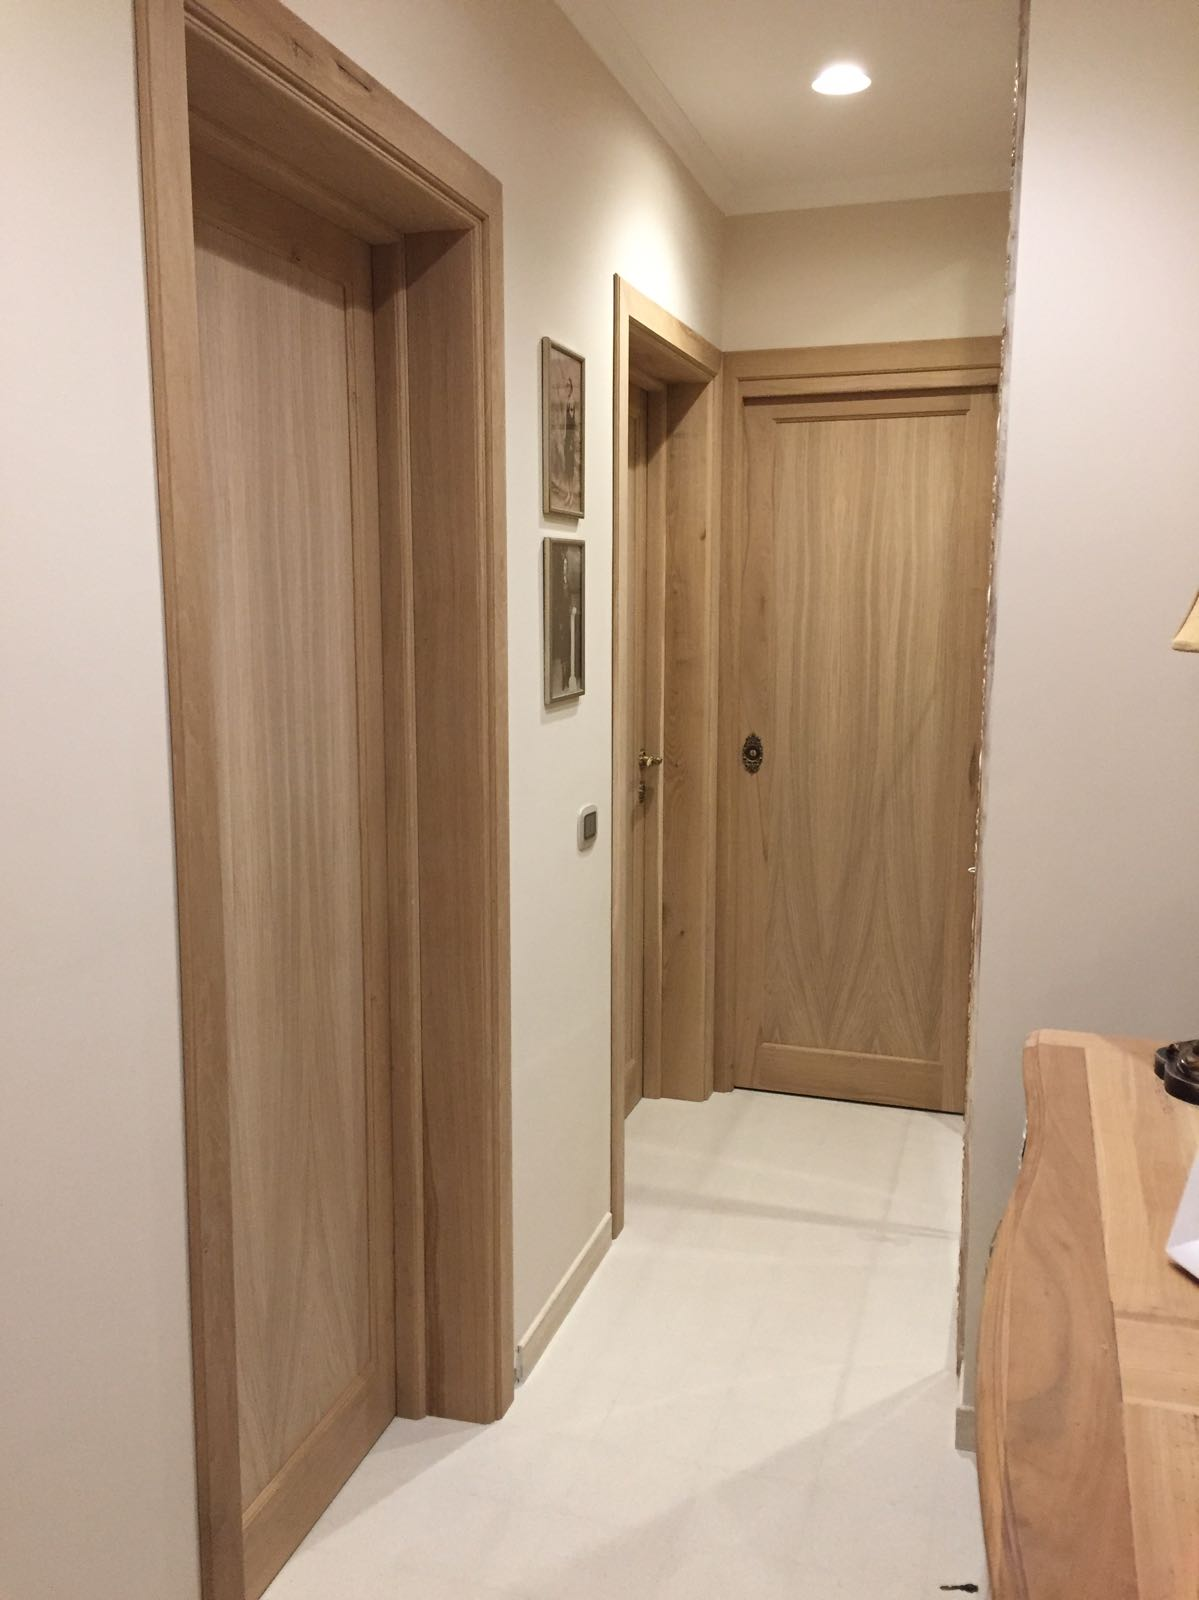 porte interne in legno Rovere Firenze